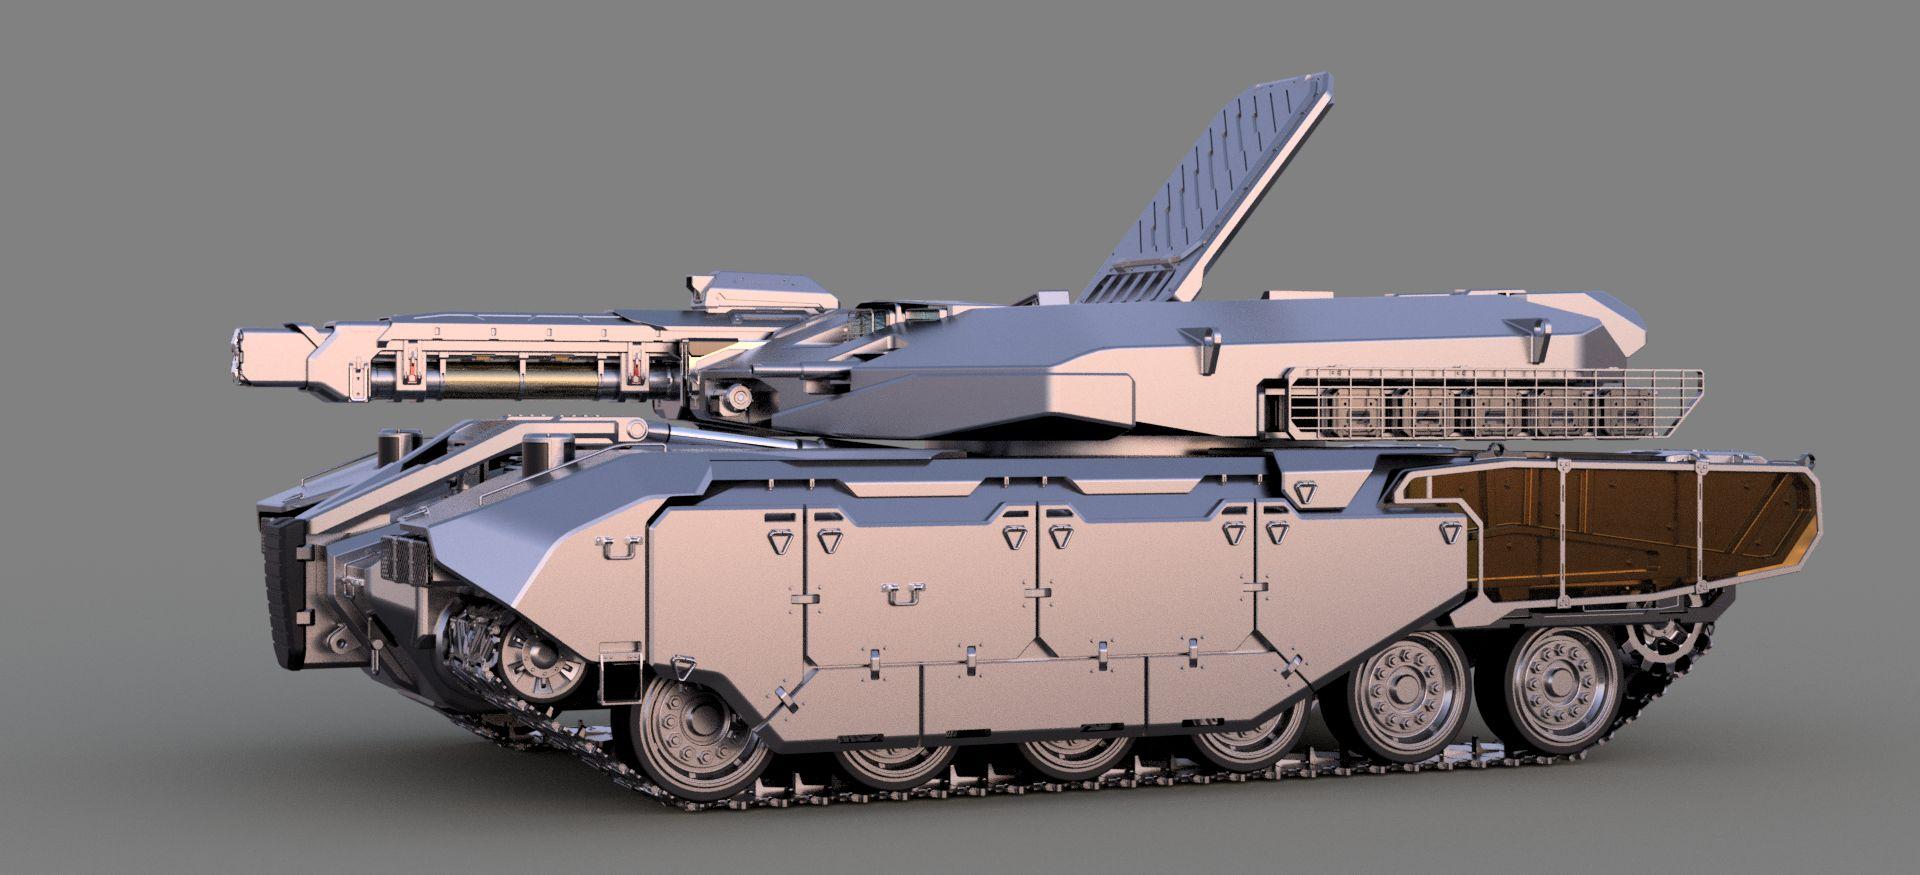 Tank-v951-3500-3500